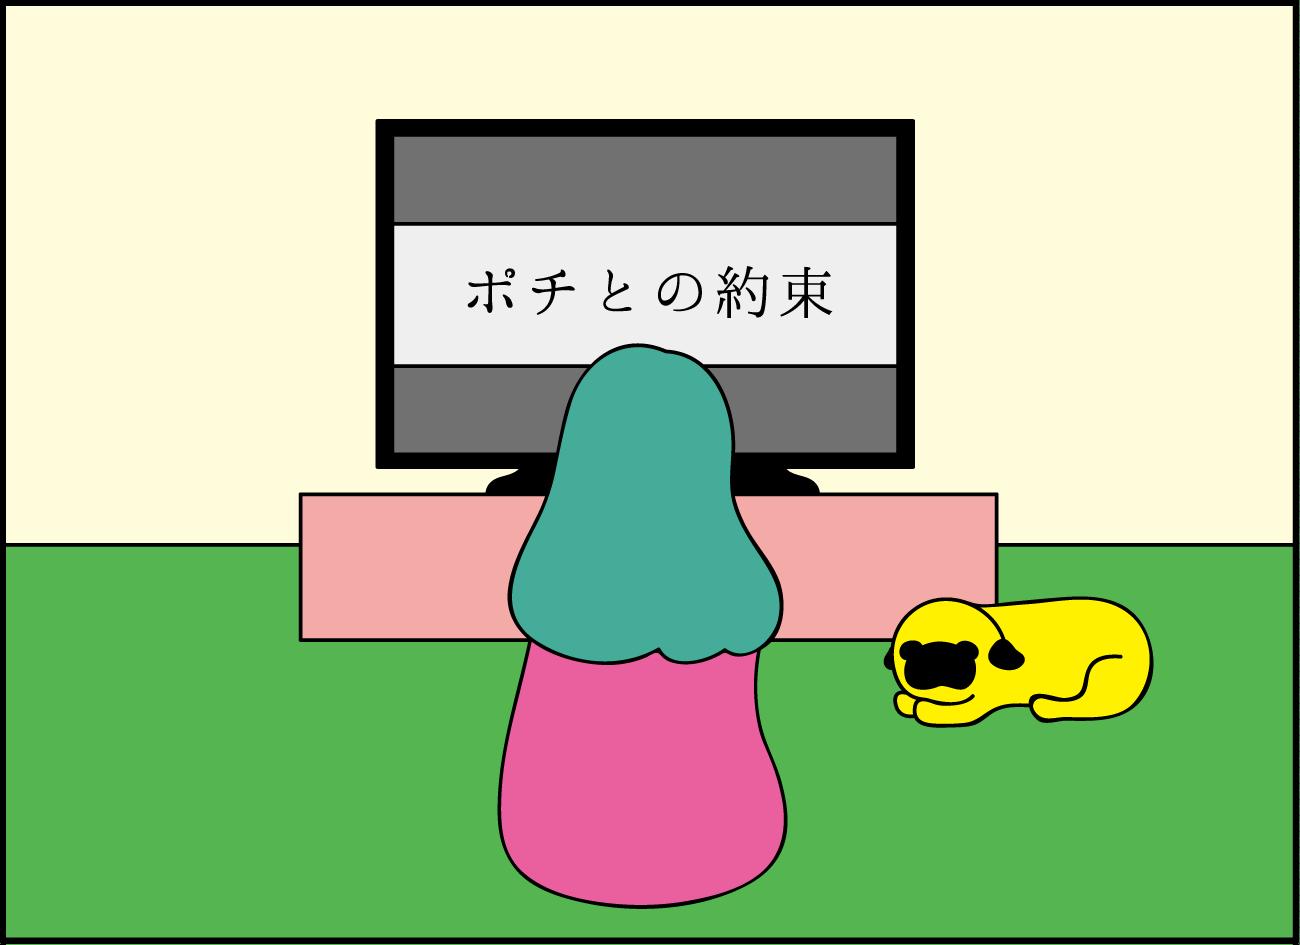 【パグとわたし】映画鑑賞